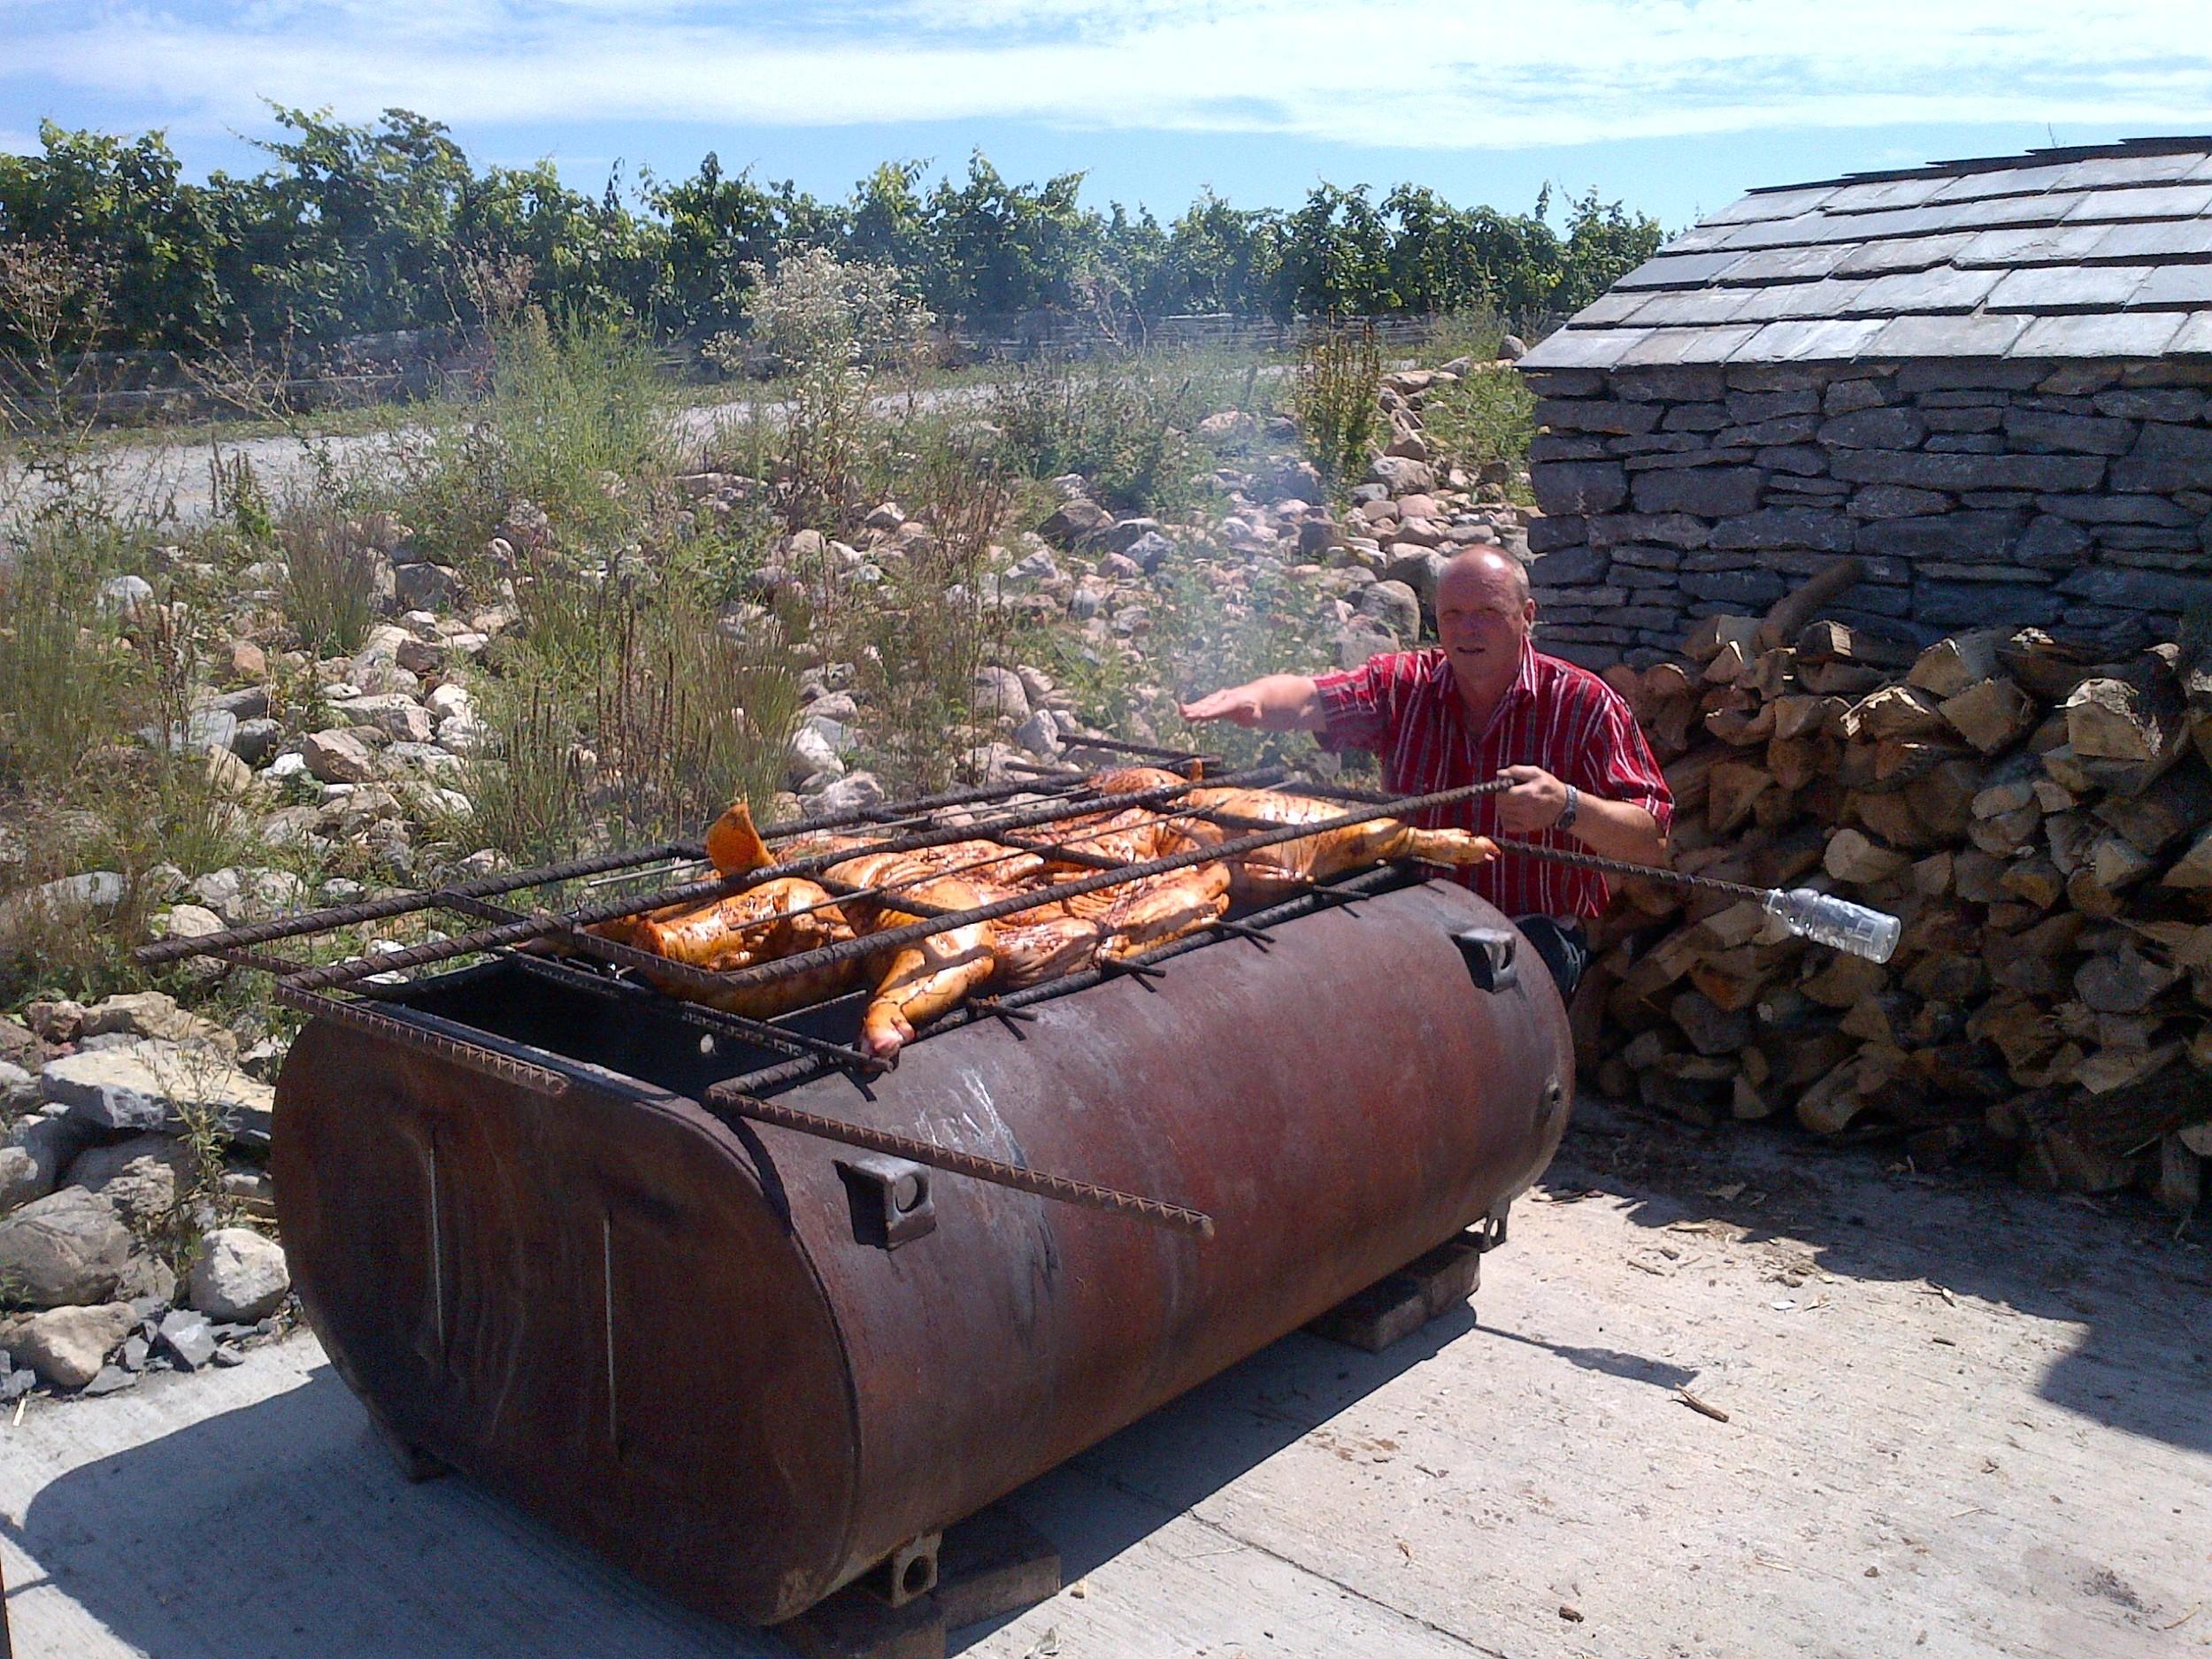 Johannes working on the pig roast...